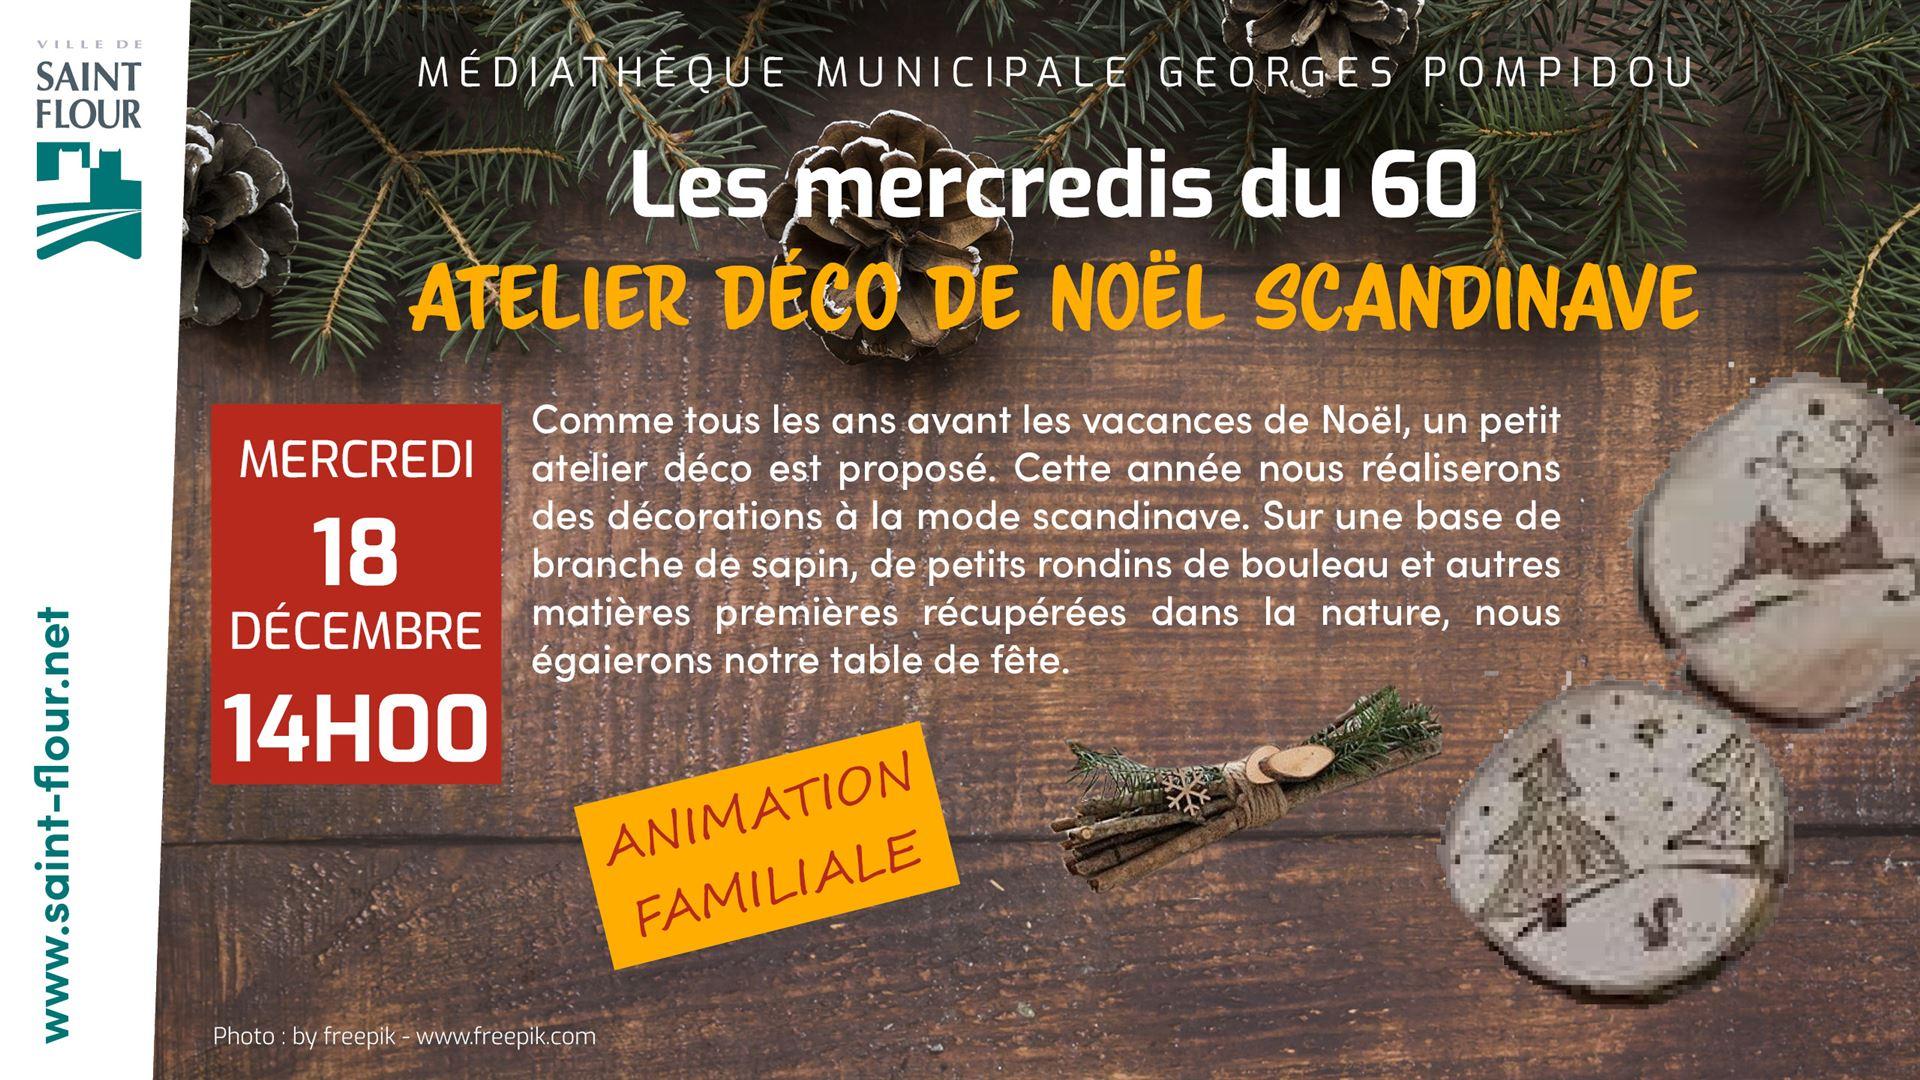 mediatheque Atelier deco noel scandi